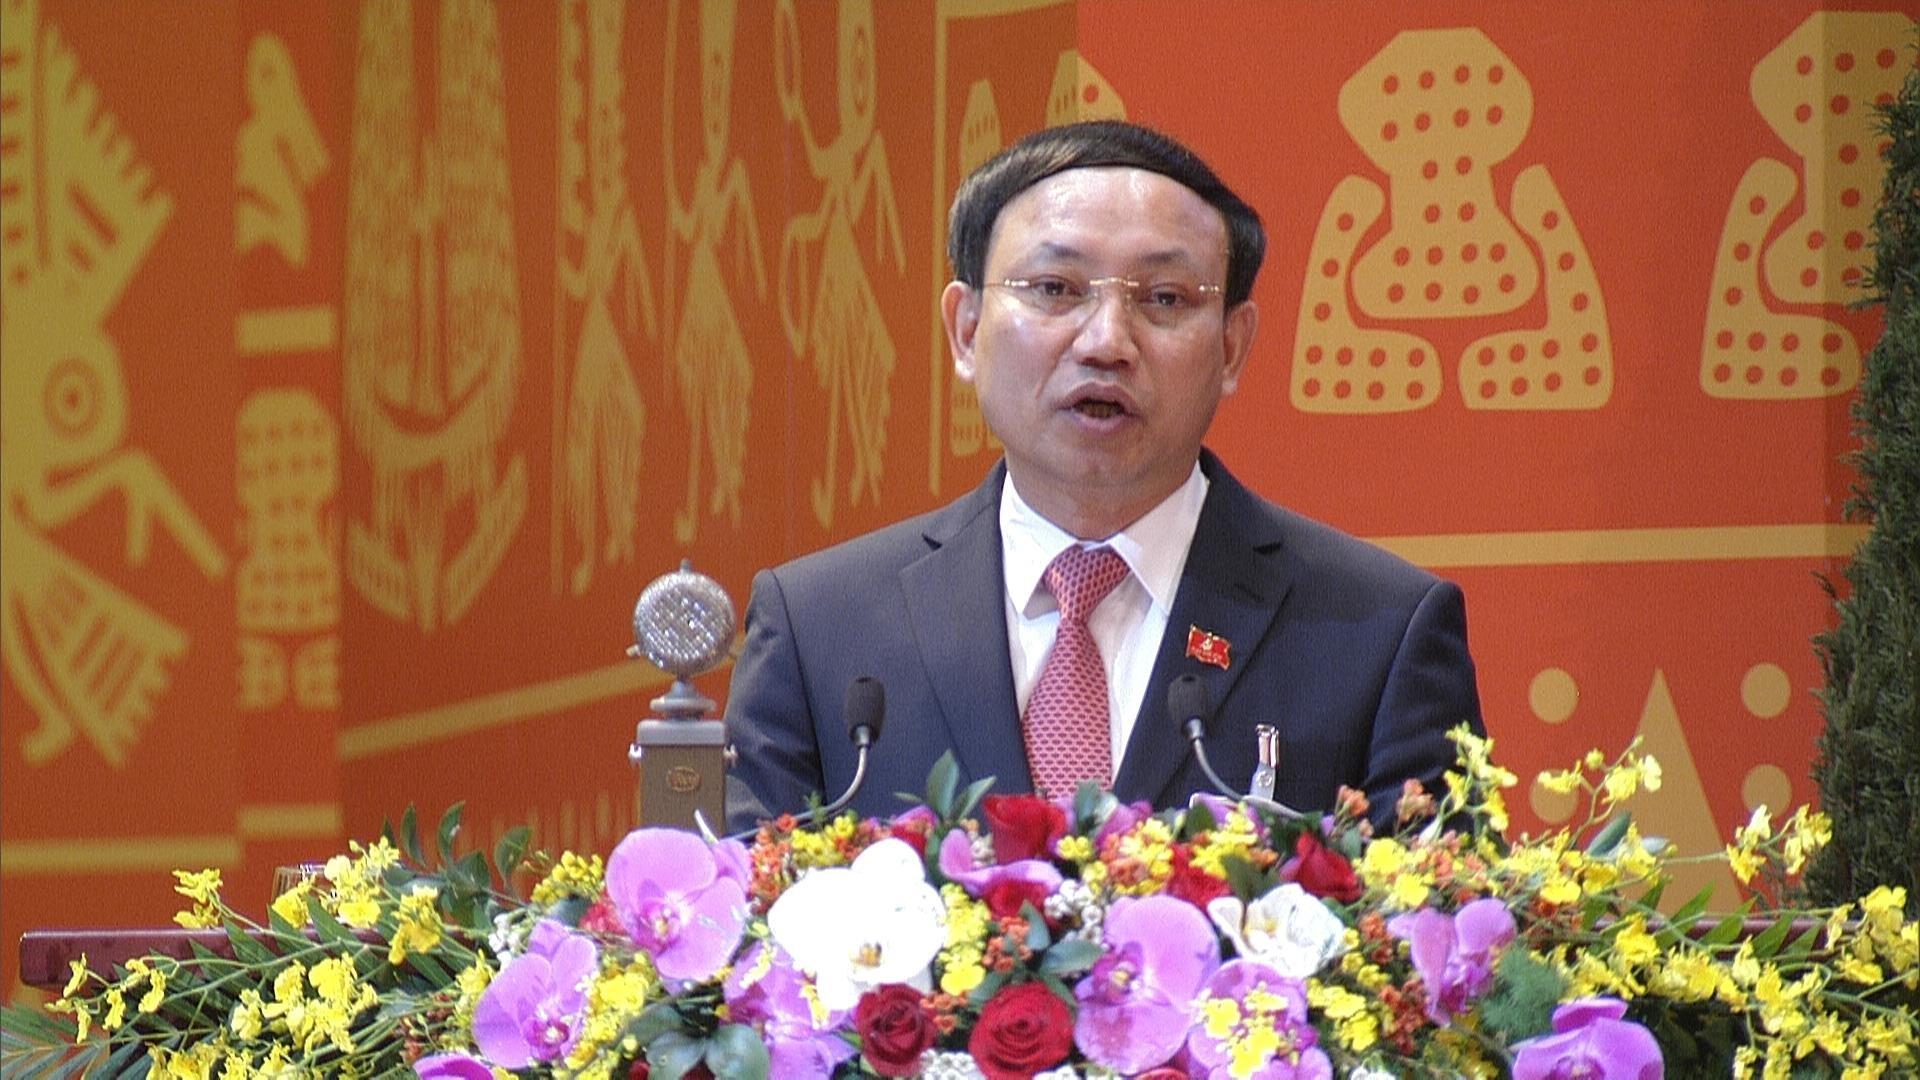 Bí thư Tỉnh ủy, Chủ tịch HĐND tỉnh Quảng Ninh Nguyễn Văn Ký trình bày tham luận